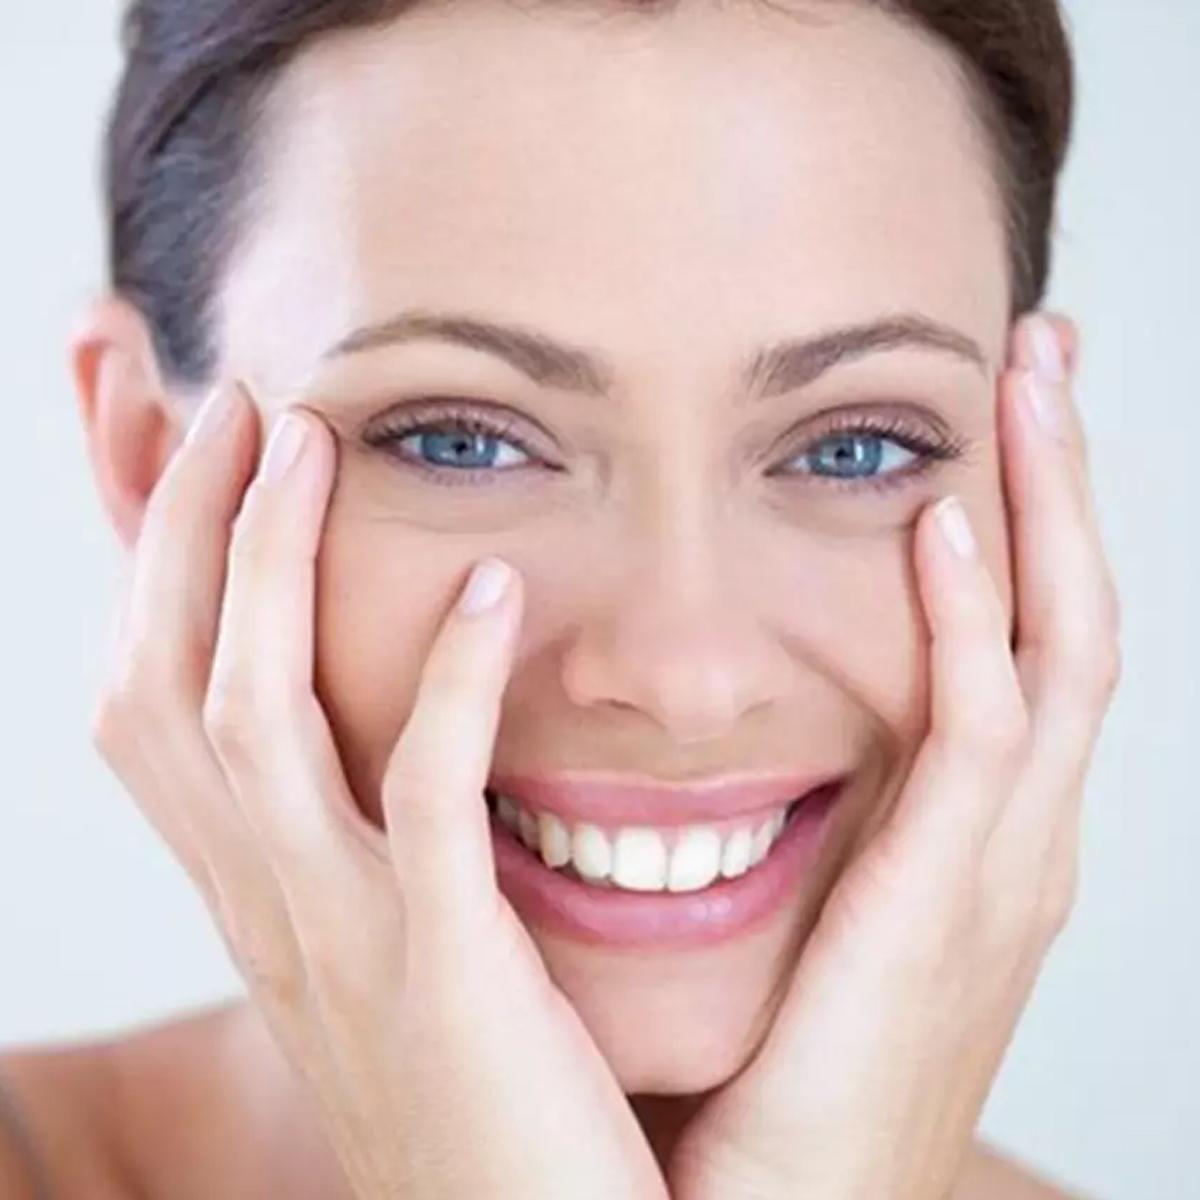 مراقبت پوست؛ بدترین اشتباهات در مراقبت پوستی